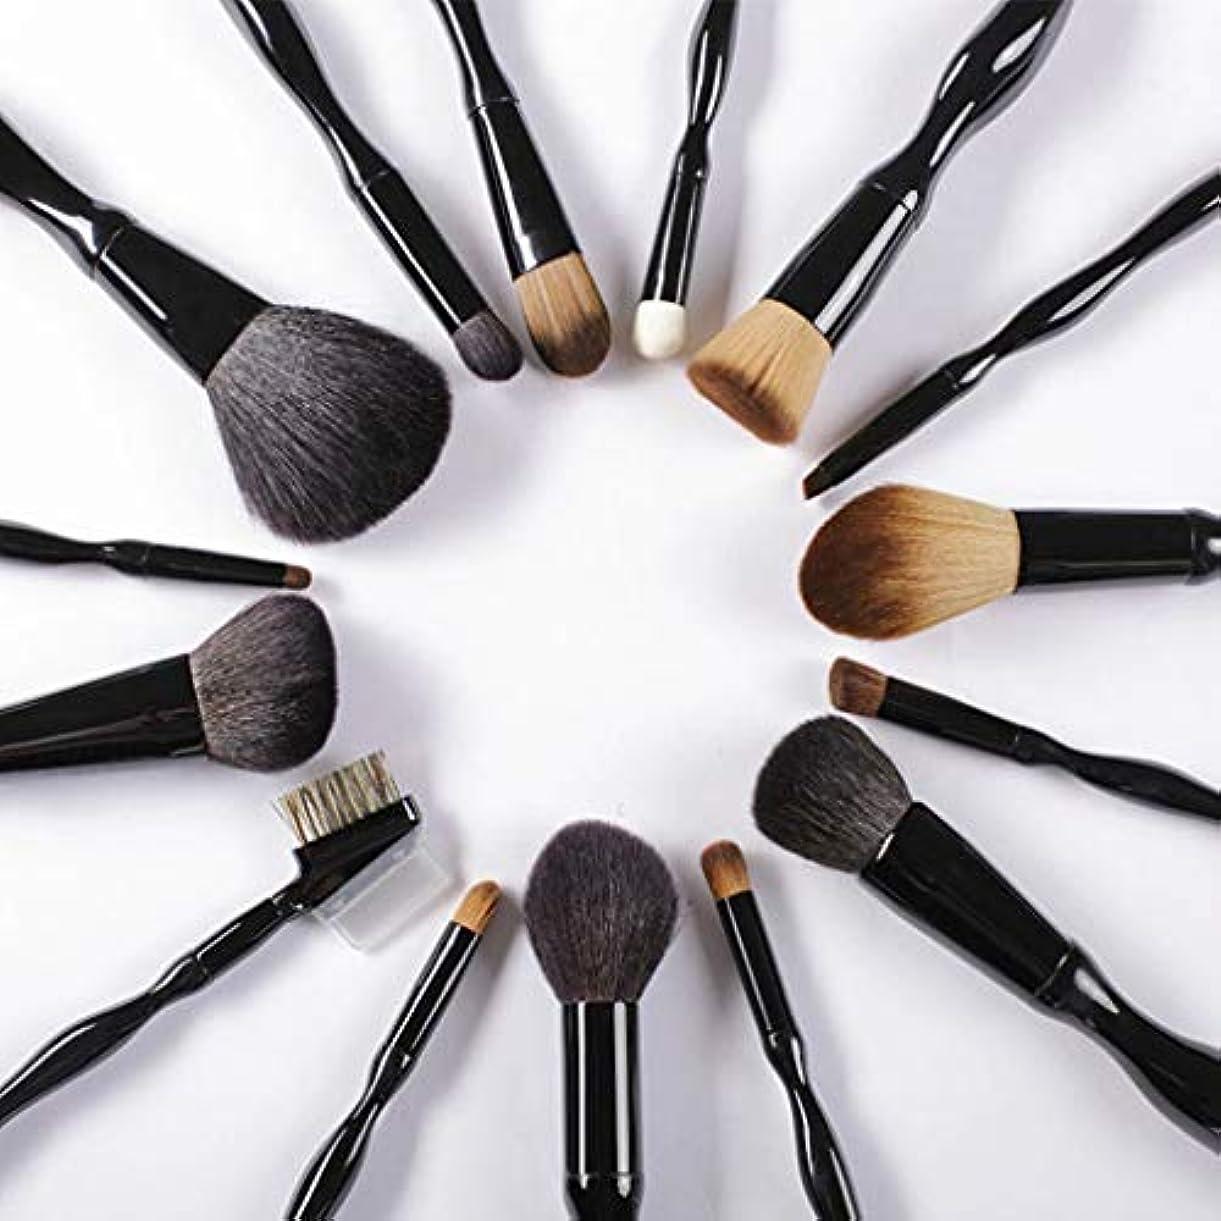 クラスミサイルビジョン15化粧ブラシボディカーブファンデーションブラシ化粧ブラシ美容ツール